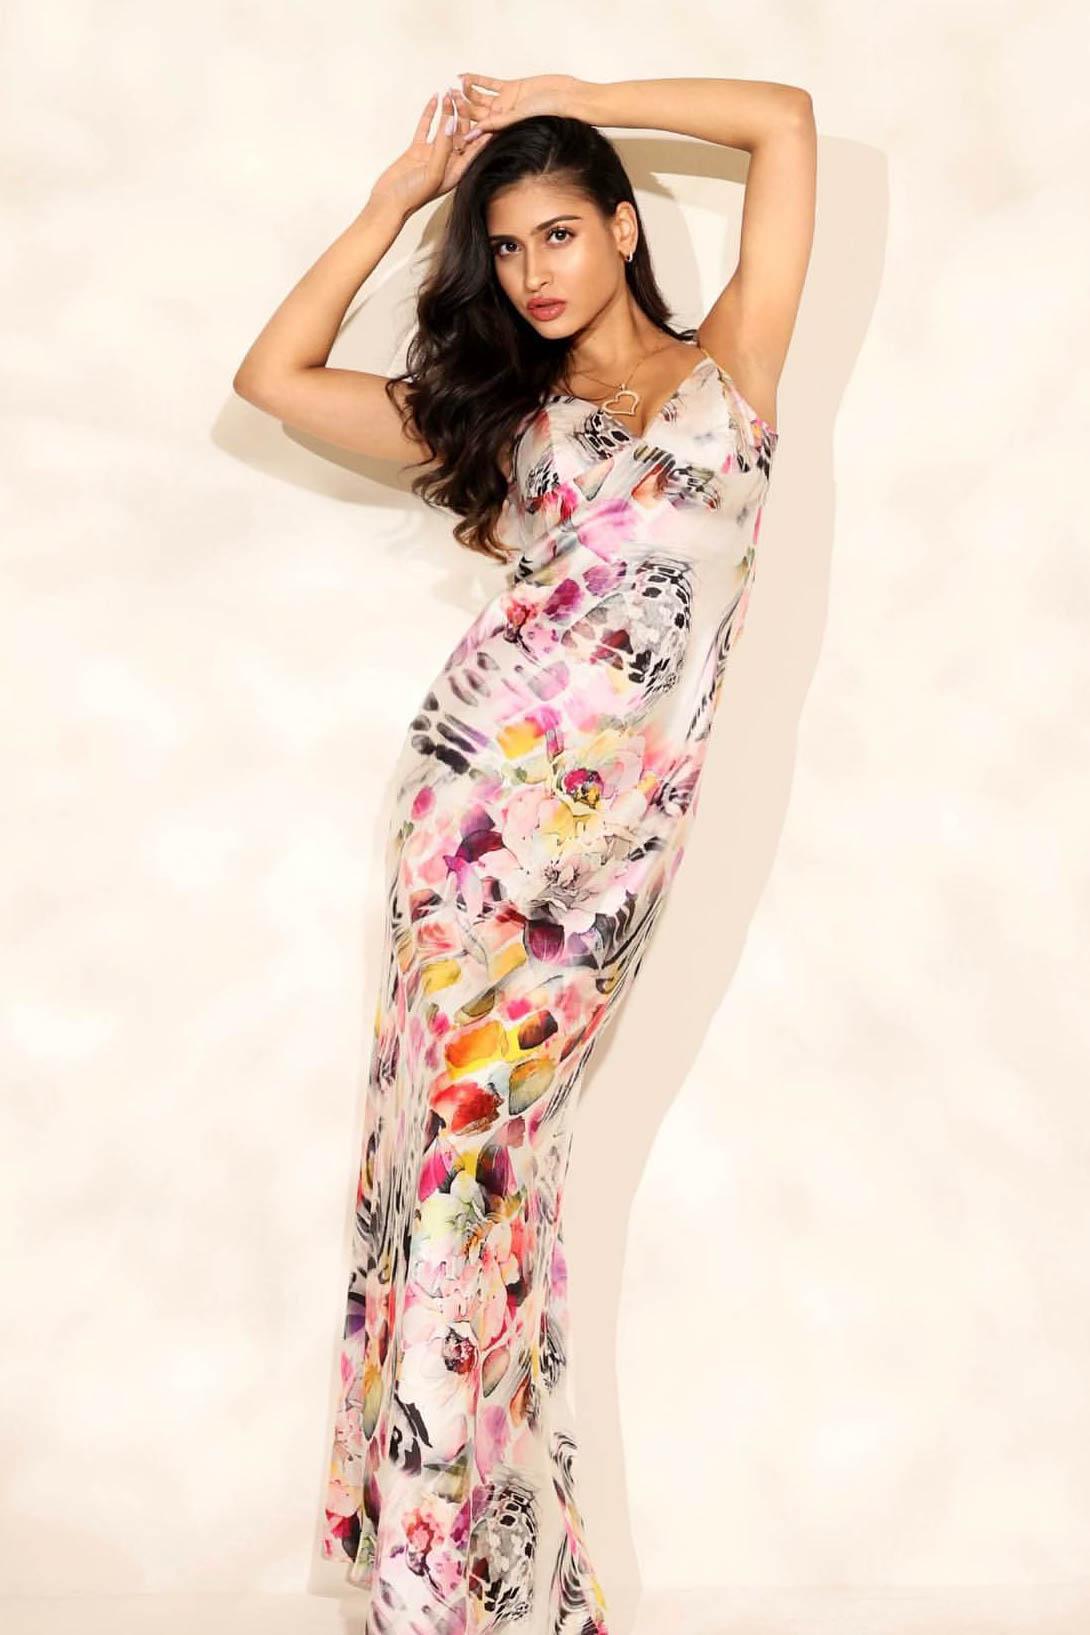 外国人モデル/外国人タレント・文化人 クリスティーン・Kの写真2